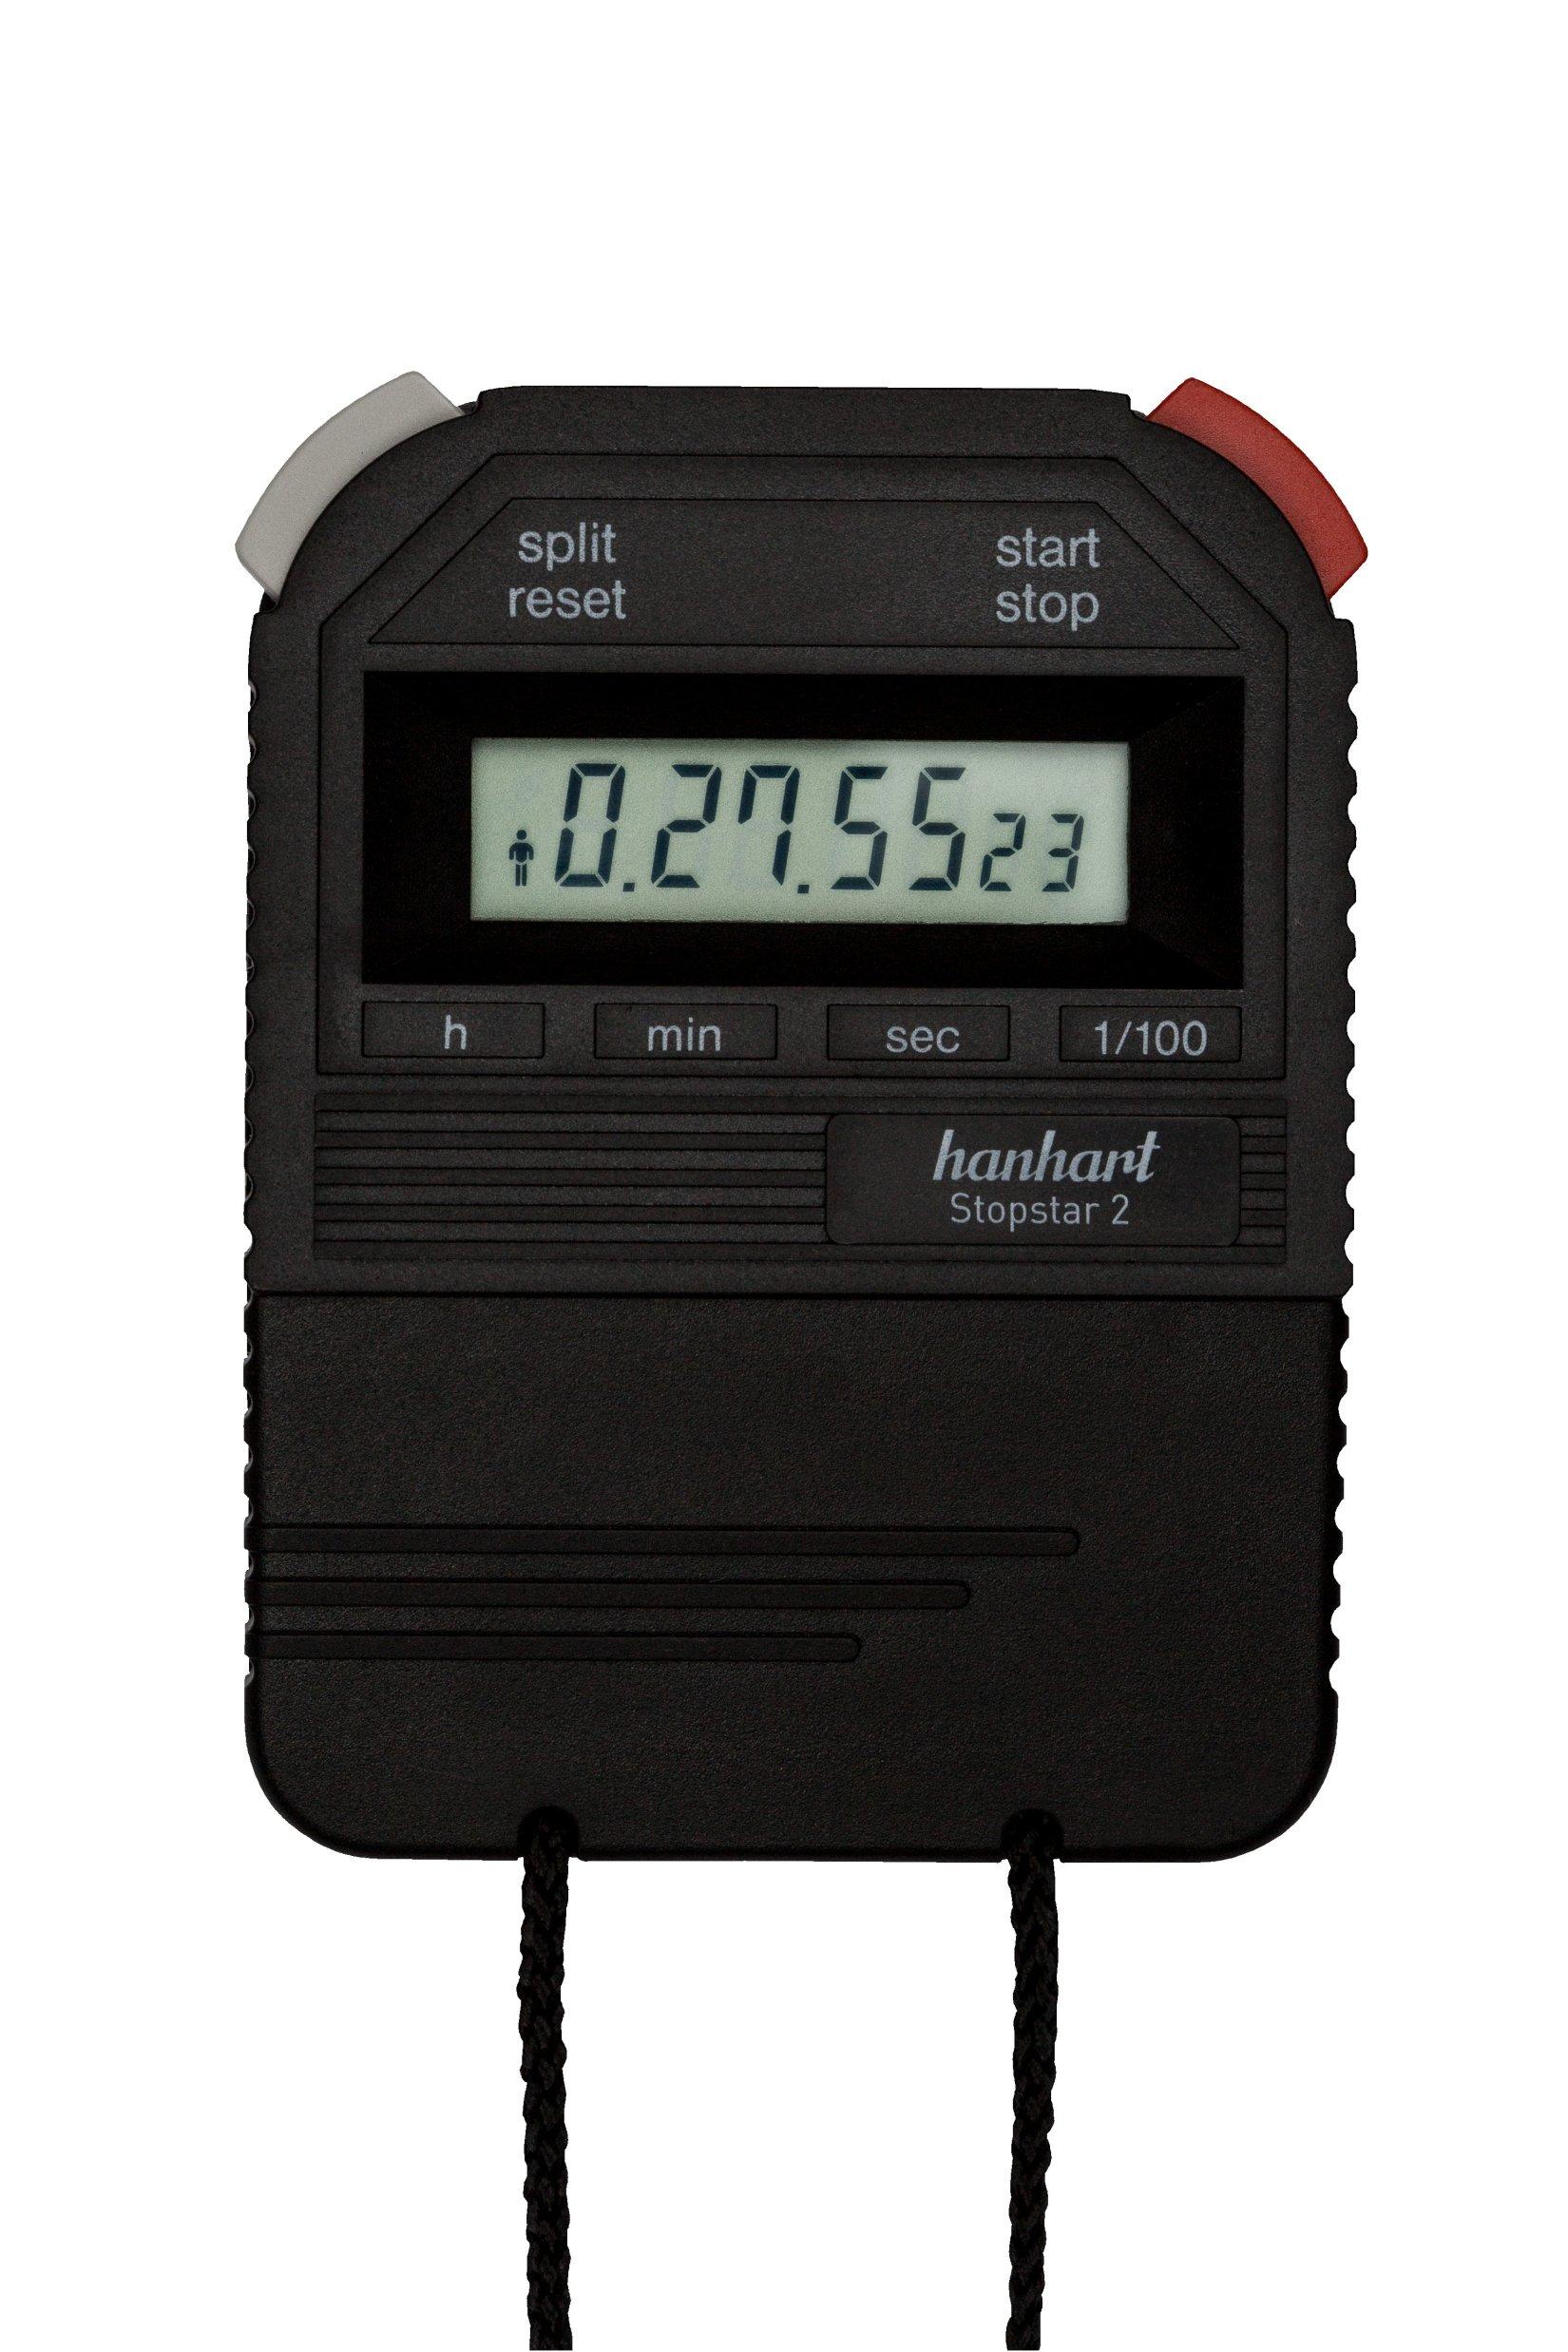 Hahnhart stopwatch met 2 toetsen bediening